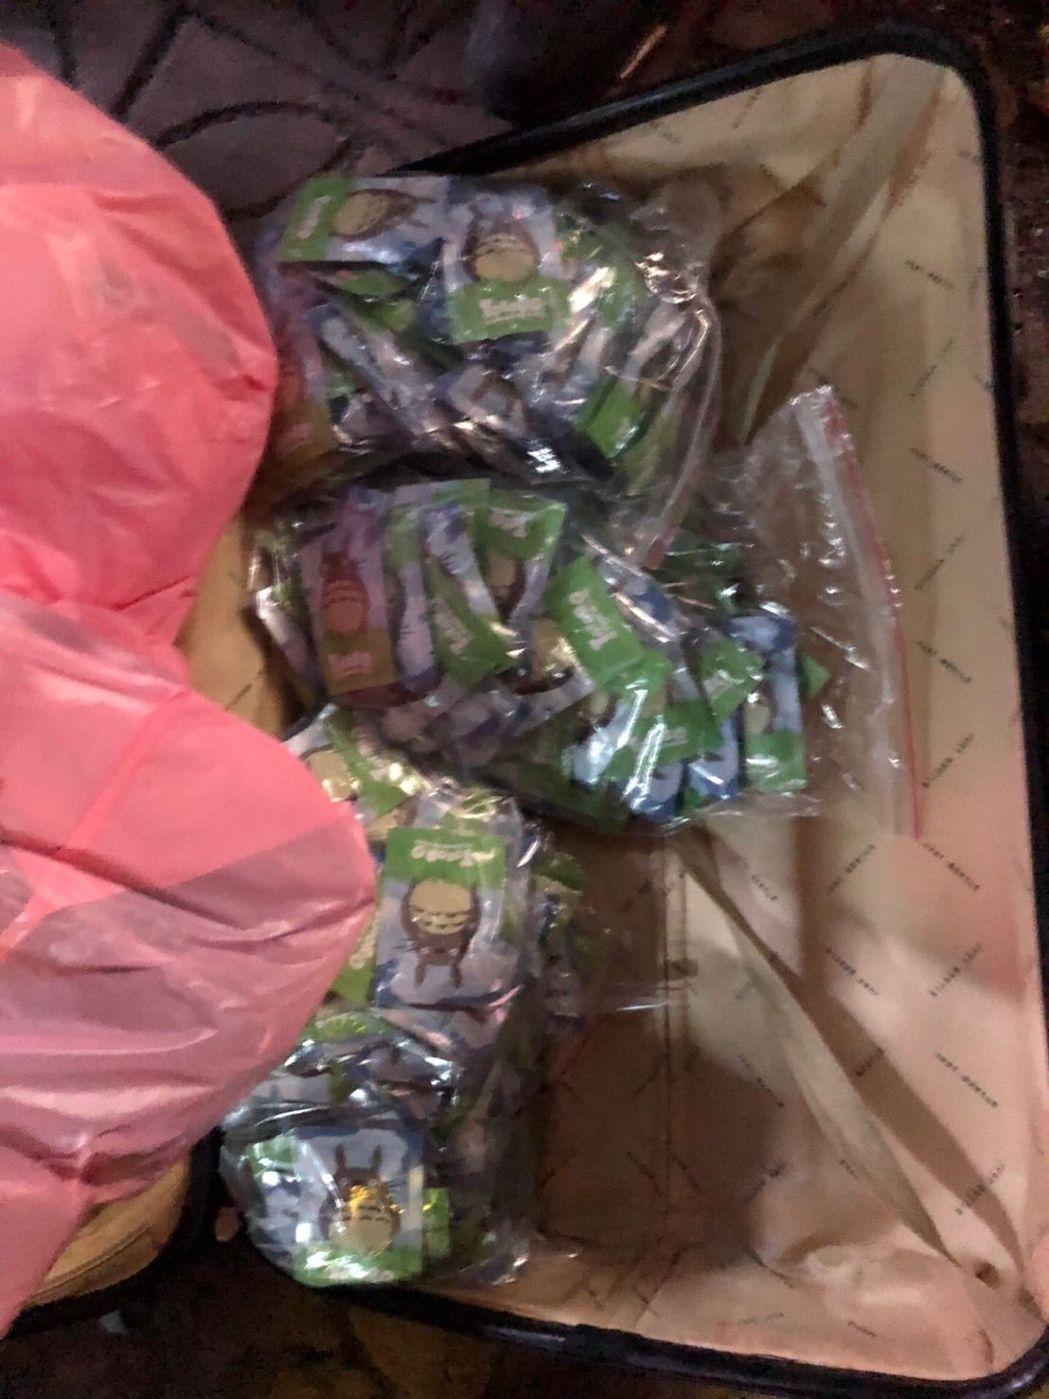 在翁姓男子的行李箱和后背包内搜出的毒品。(图片来源:台湾《联合报》)